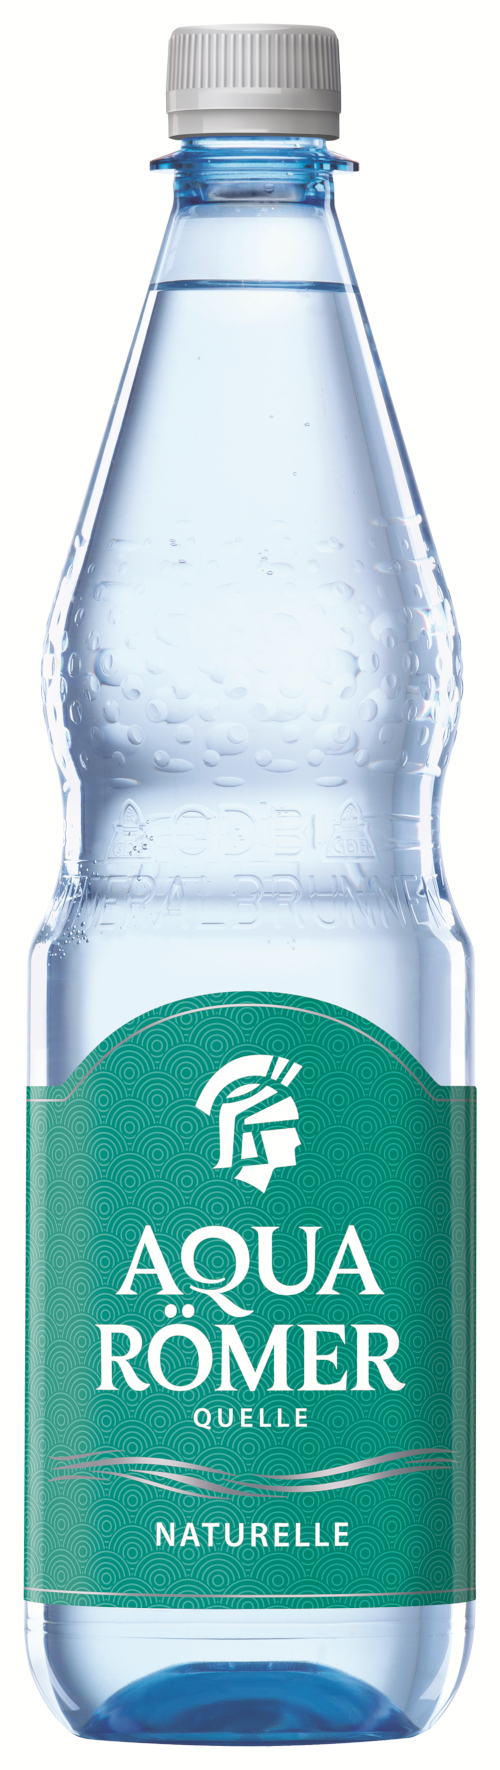 Online Durst